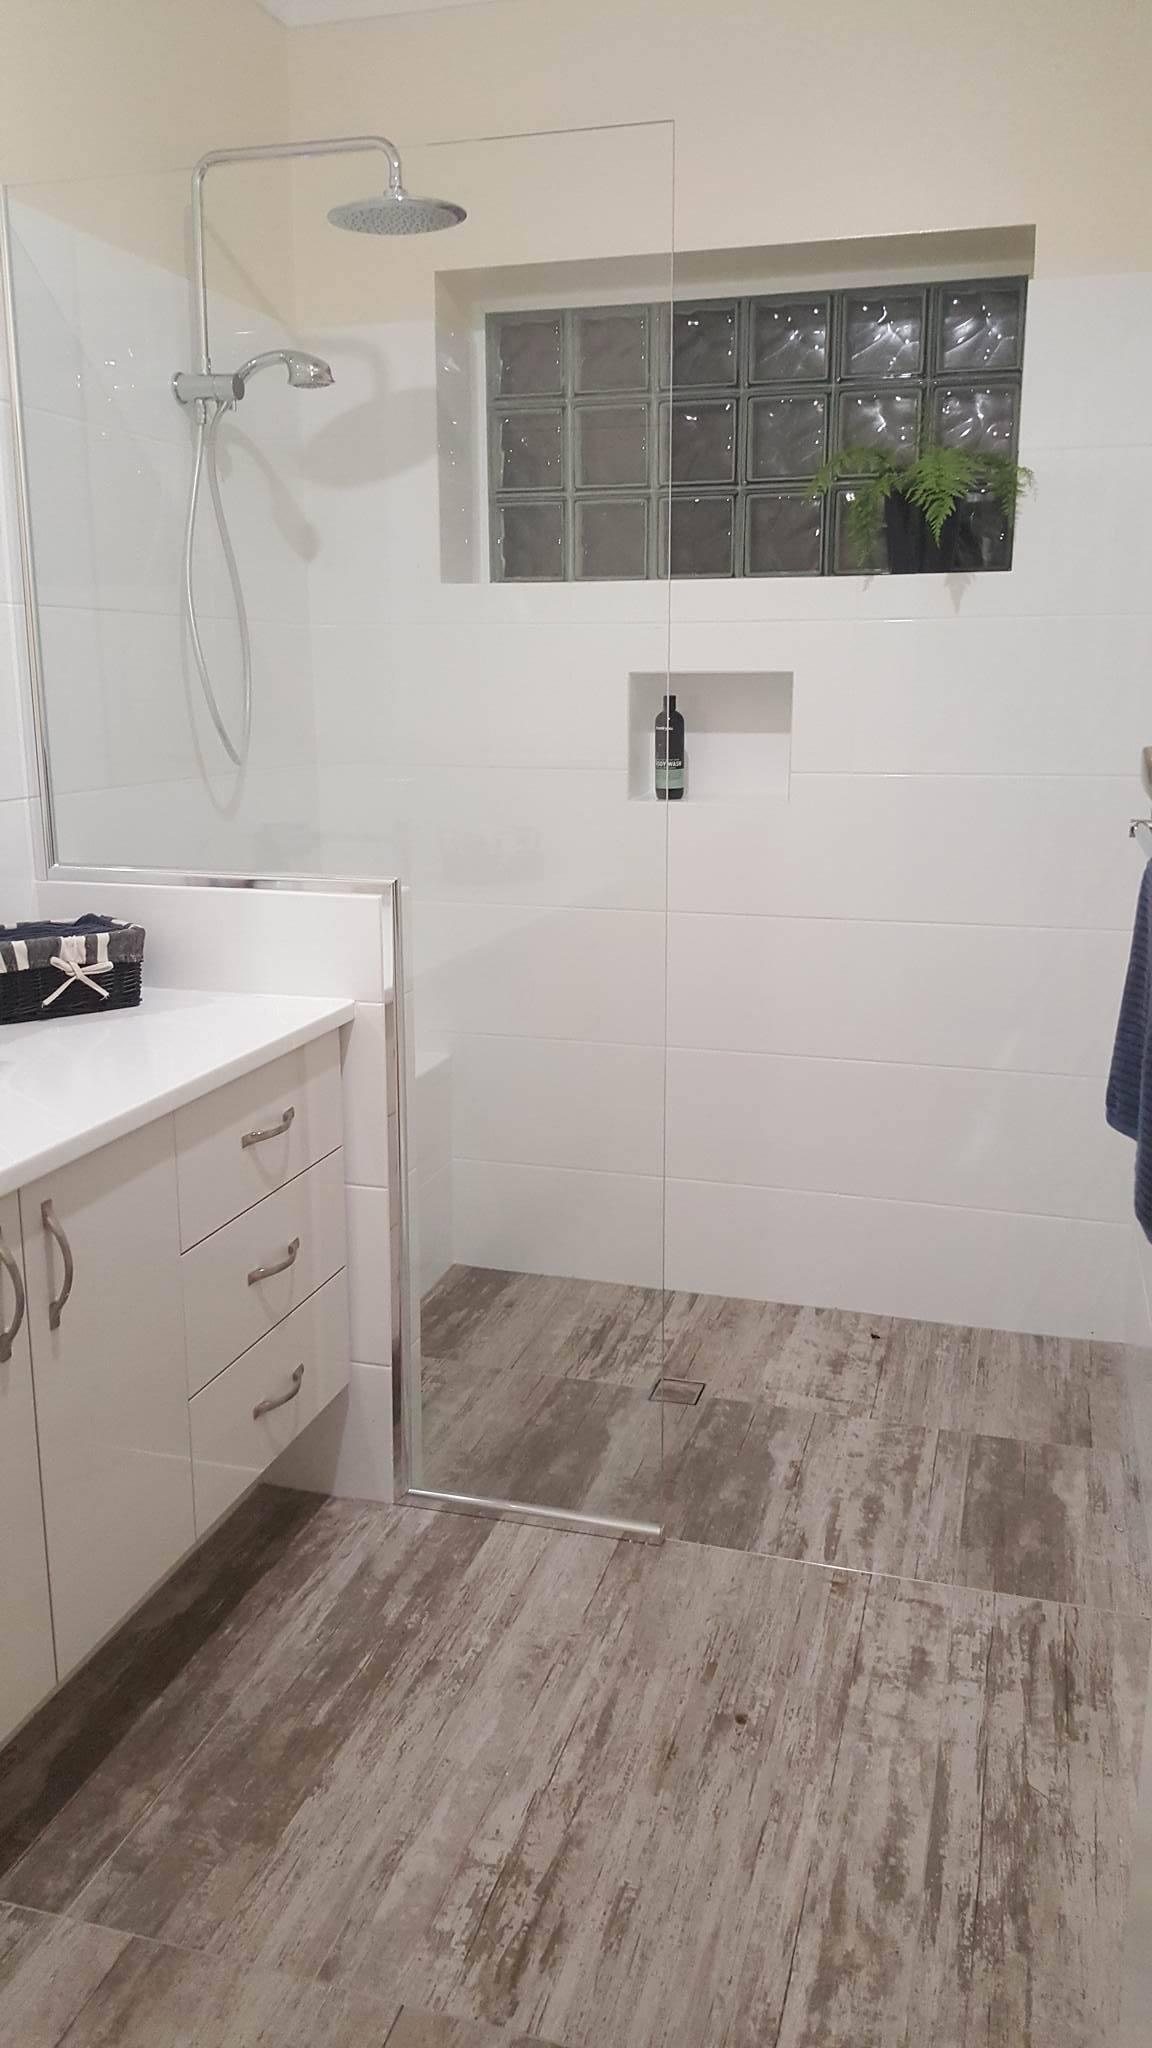 Aquaseal - Bathroom Renovations & Designs - Perth